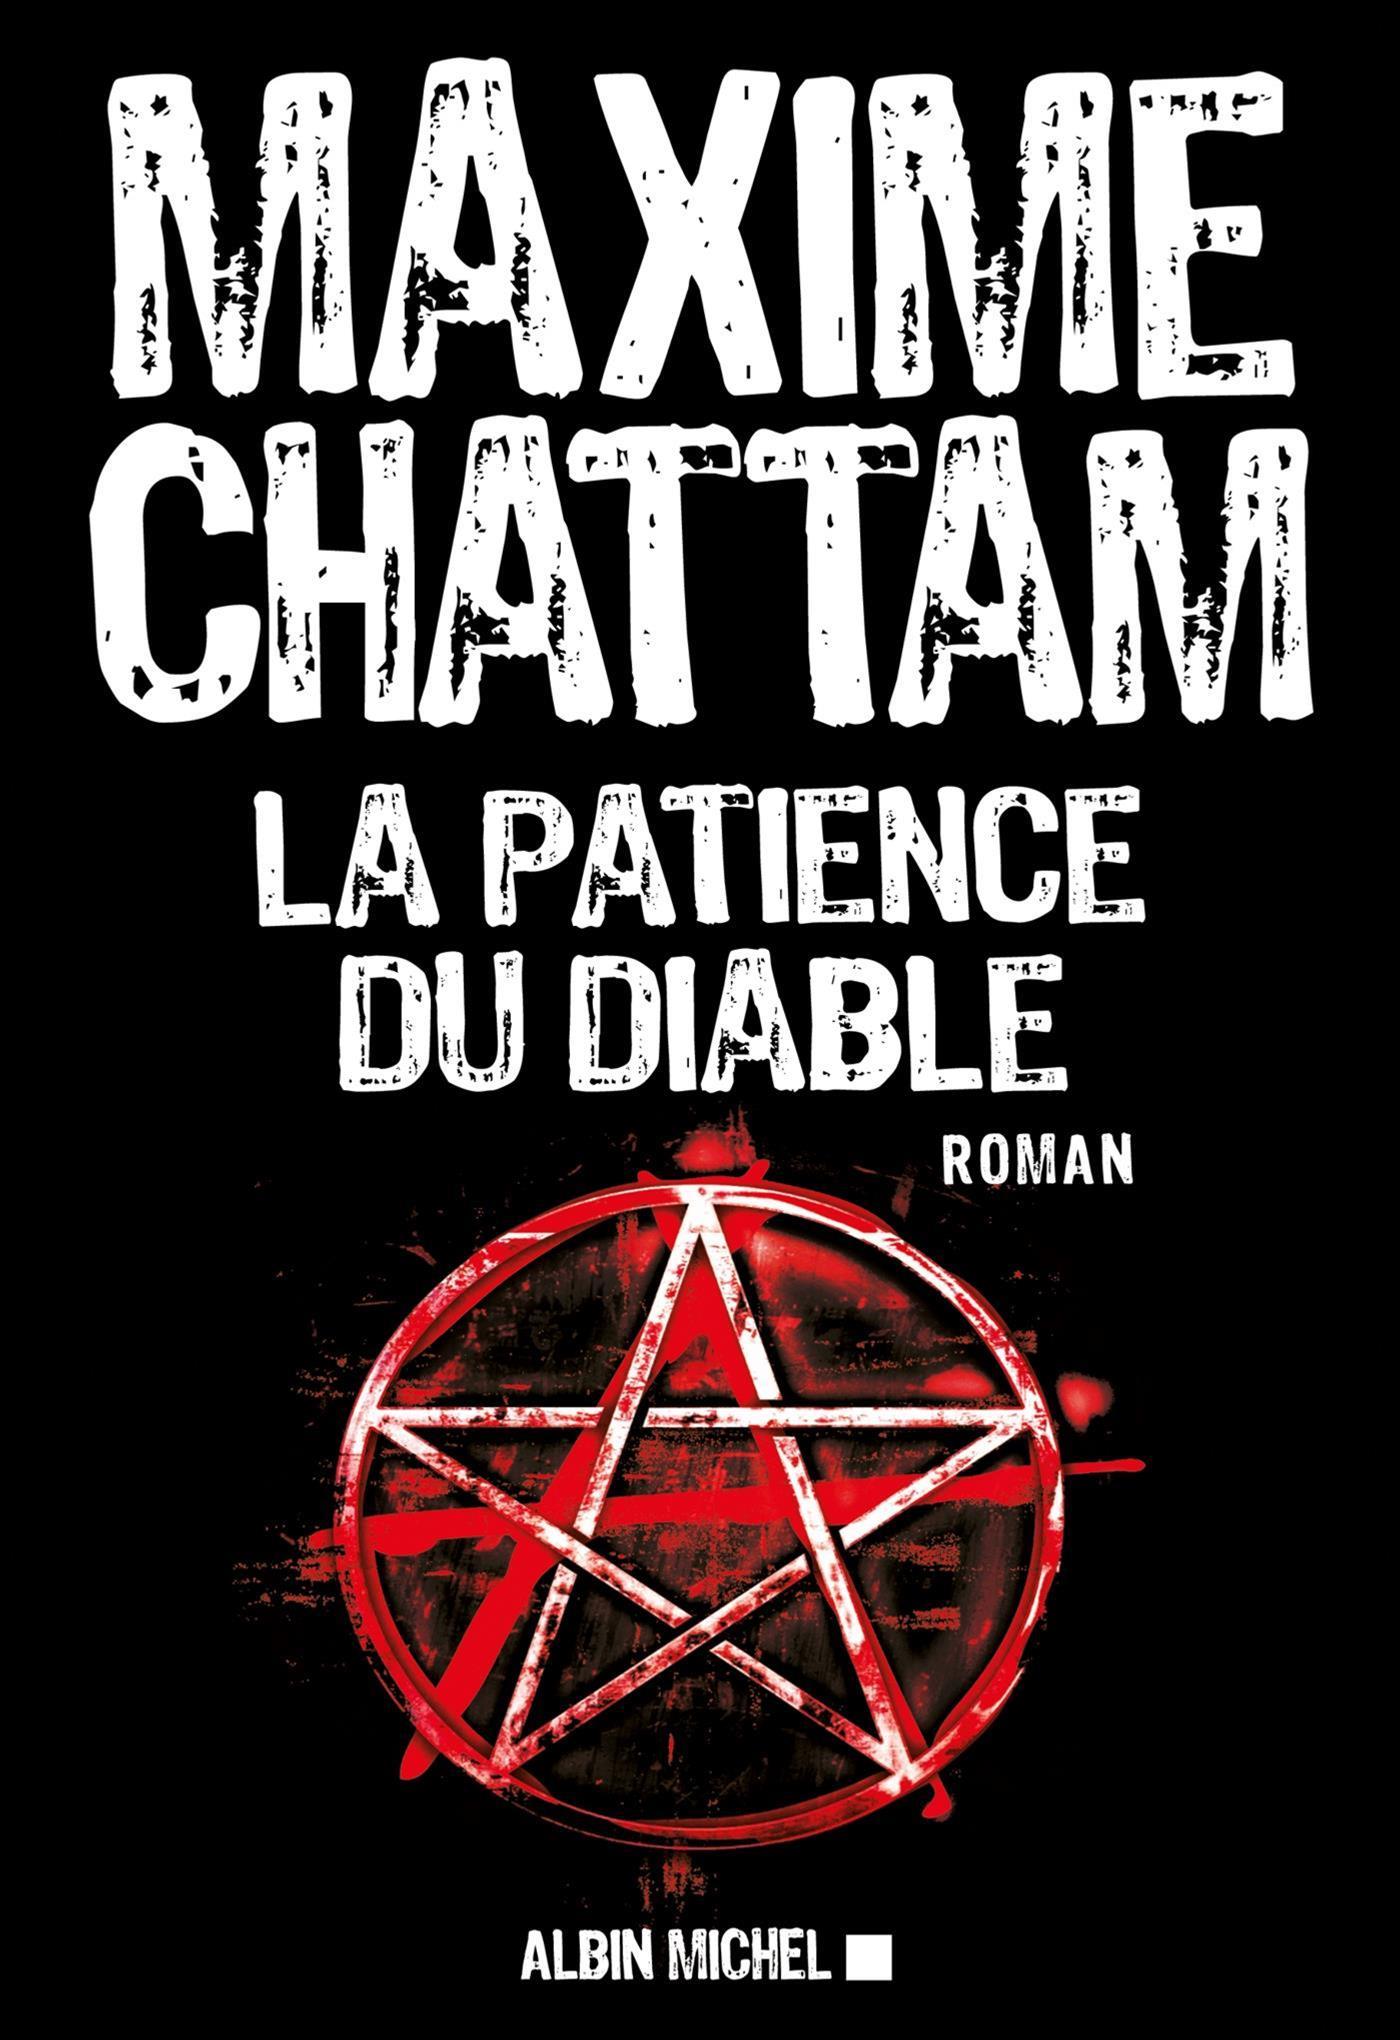 La La Patience du diable